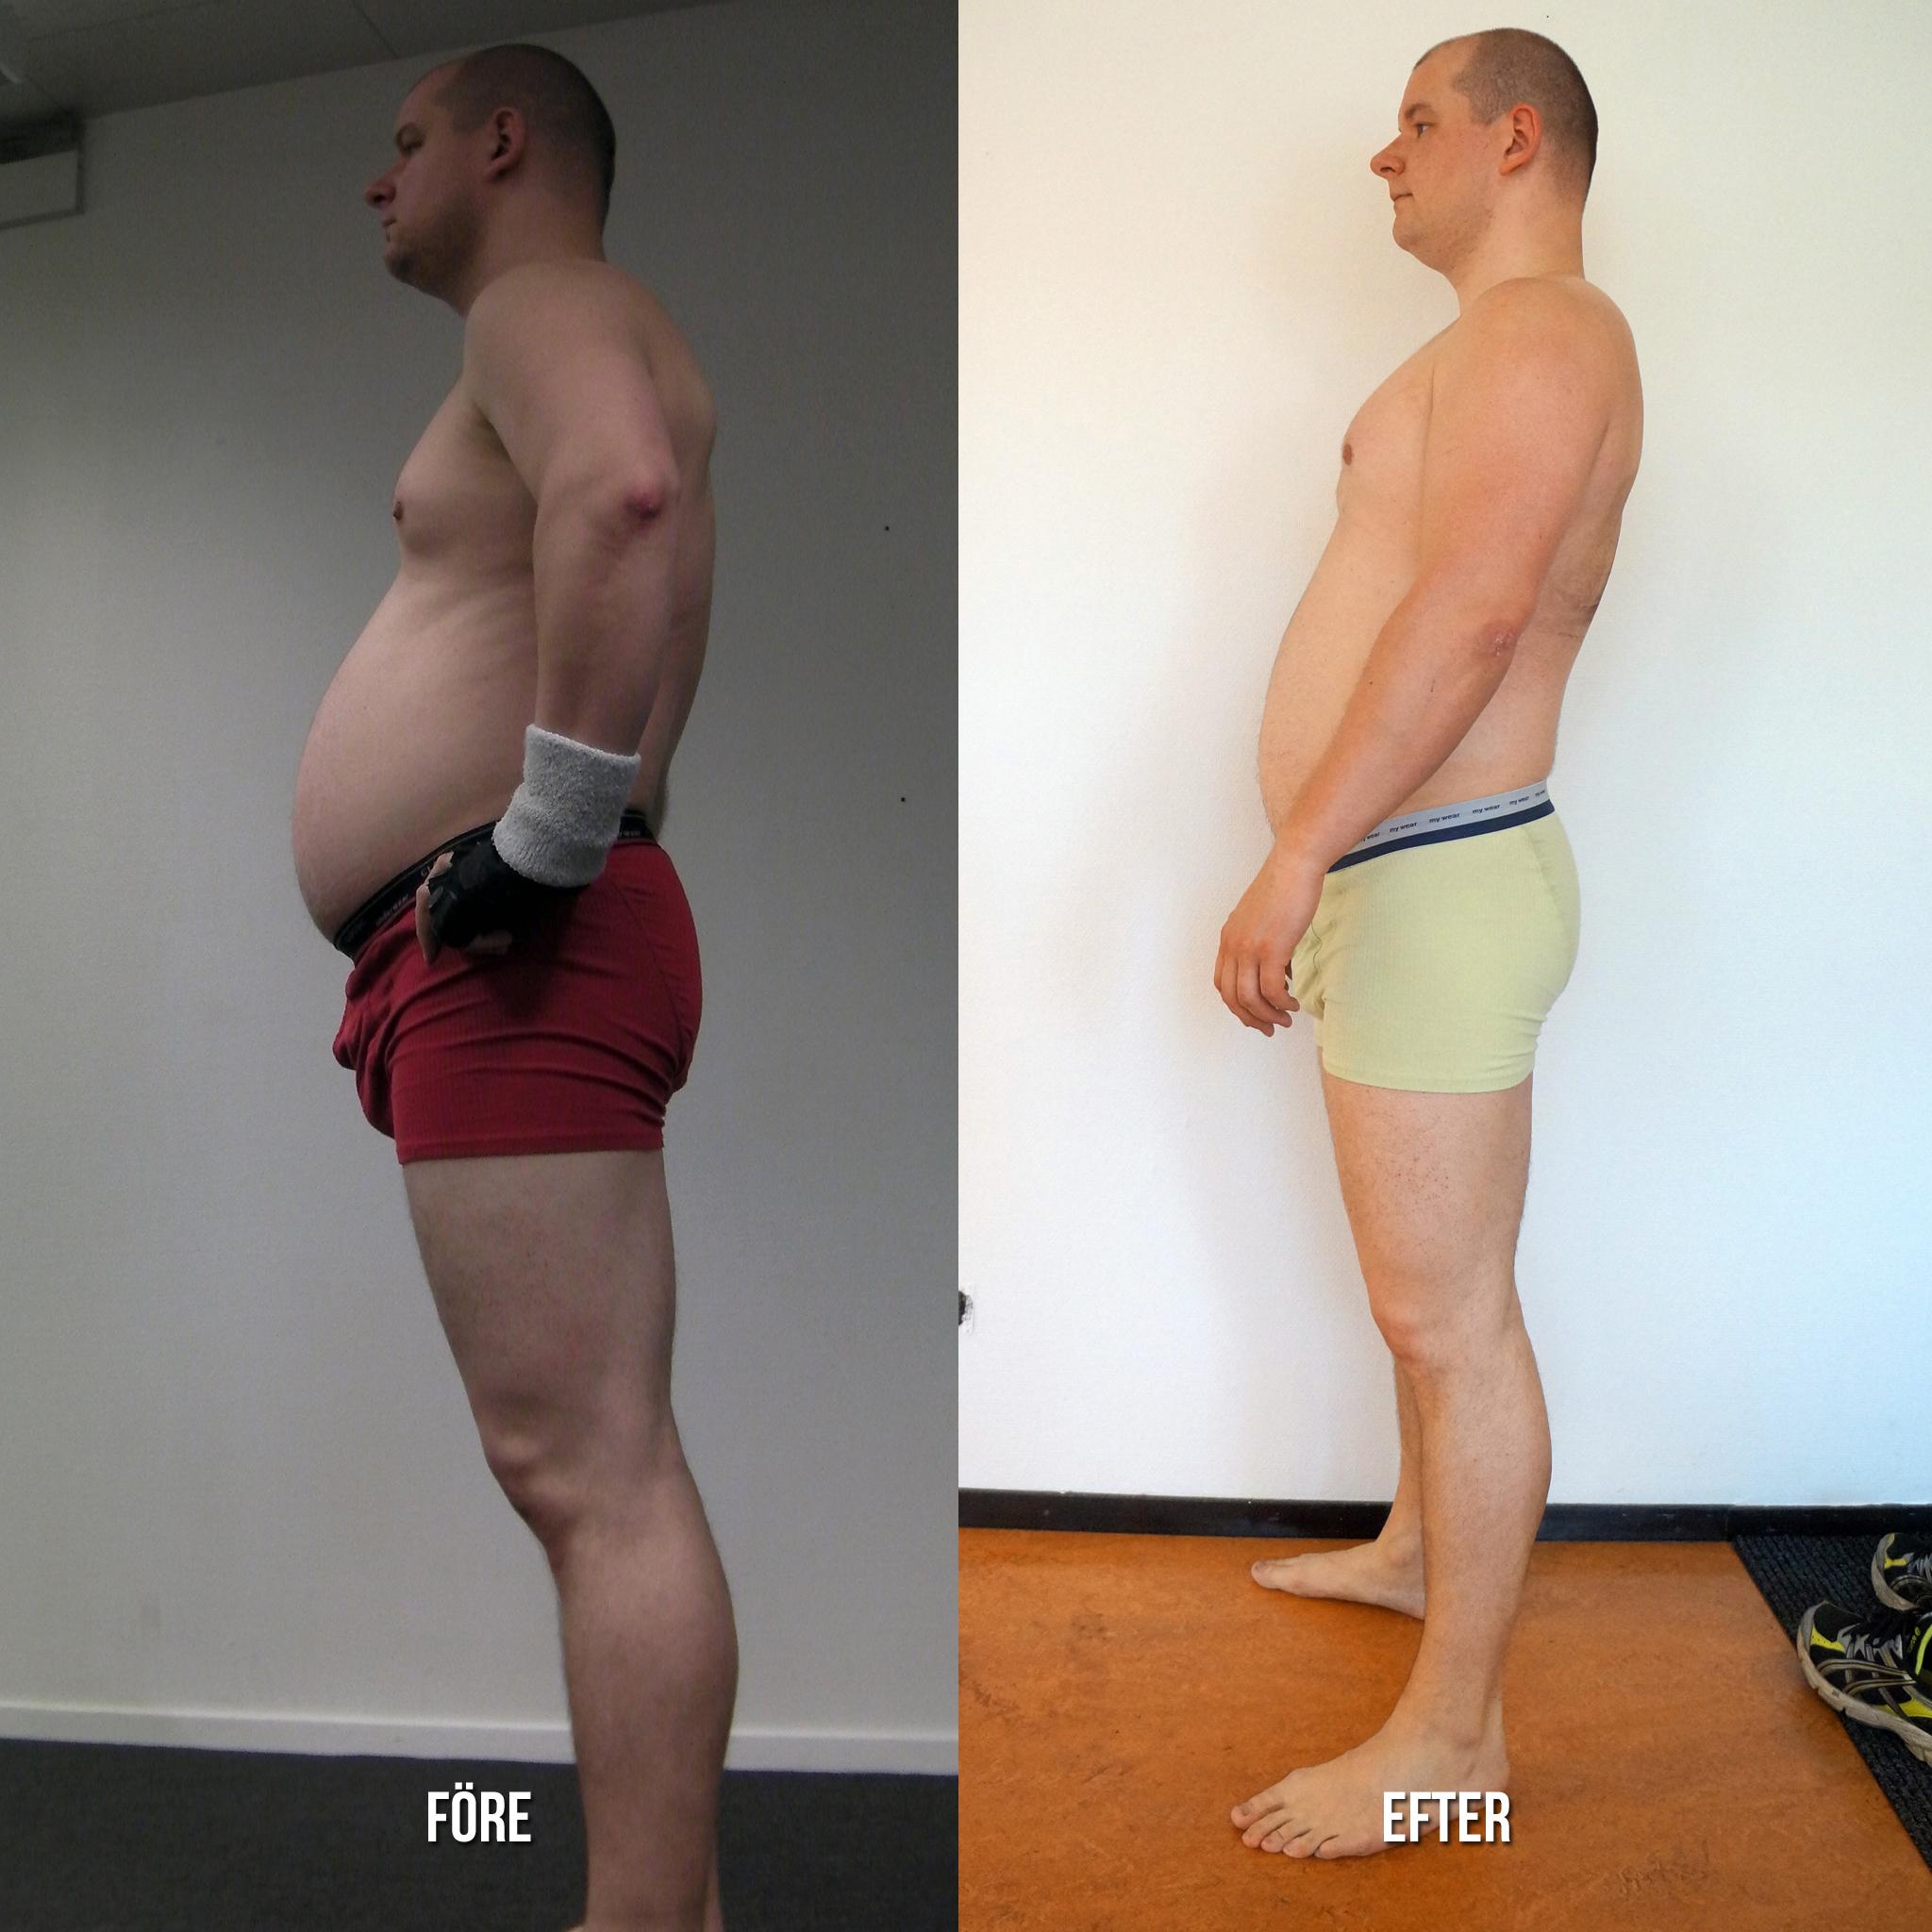 tomas arwsbo 8 veckor 8-veckor pt personlig träning personlig tränare västerås livsstilsförändring viktnedgång träning västmanland träna må bra